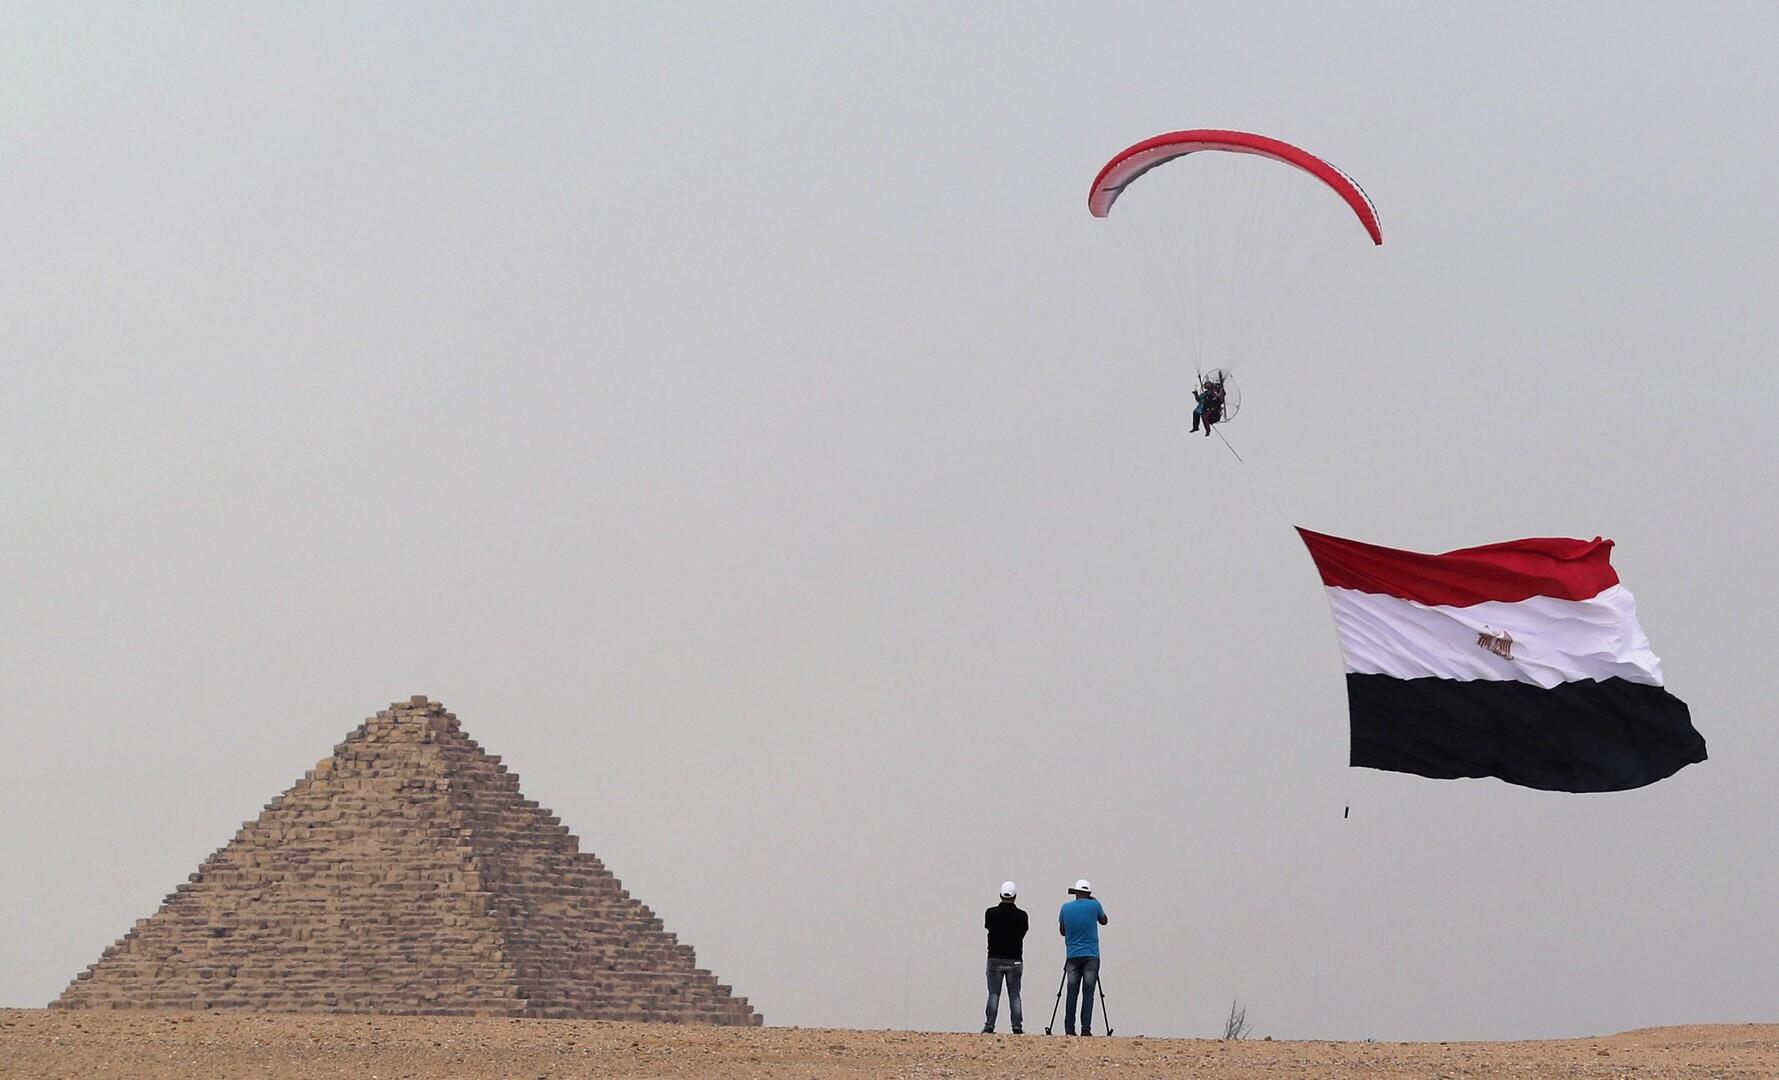 مصر.. مشروع لتوصيل الغاز المنزلي إلى 2.4 مليون منزل